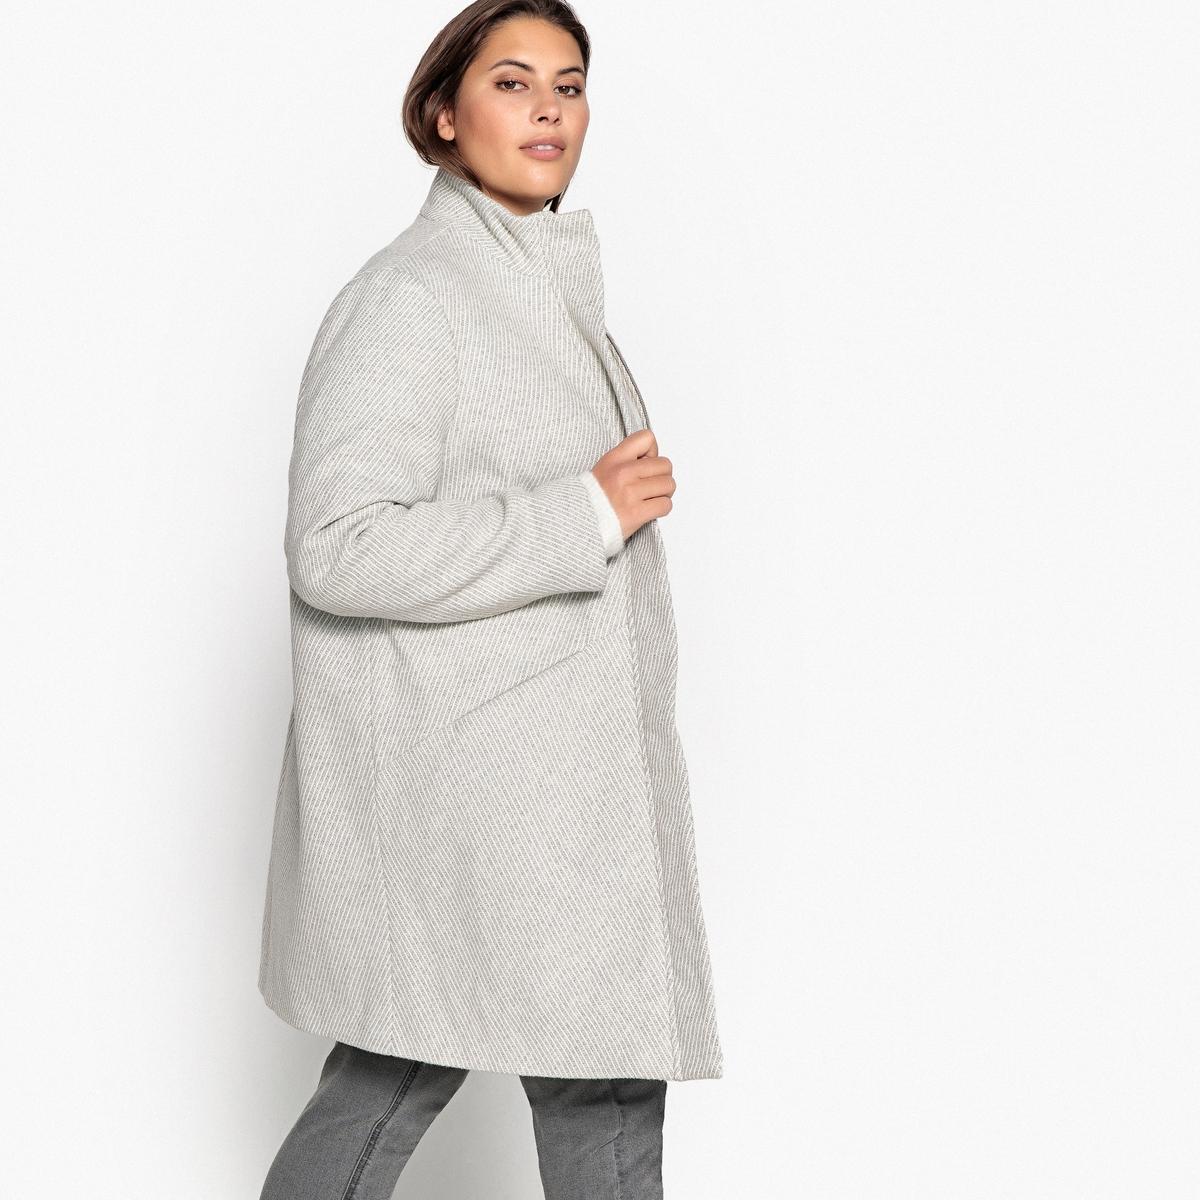 все цены на Пальто La Redoute В полоску средней длины с застежкой на молнию 54 (FR) - 60 (RUS) серый онлайн